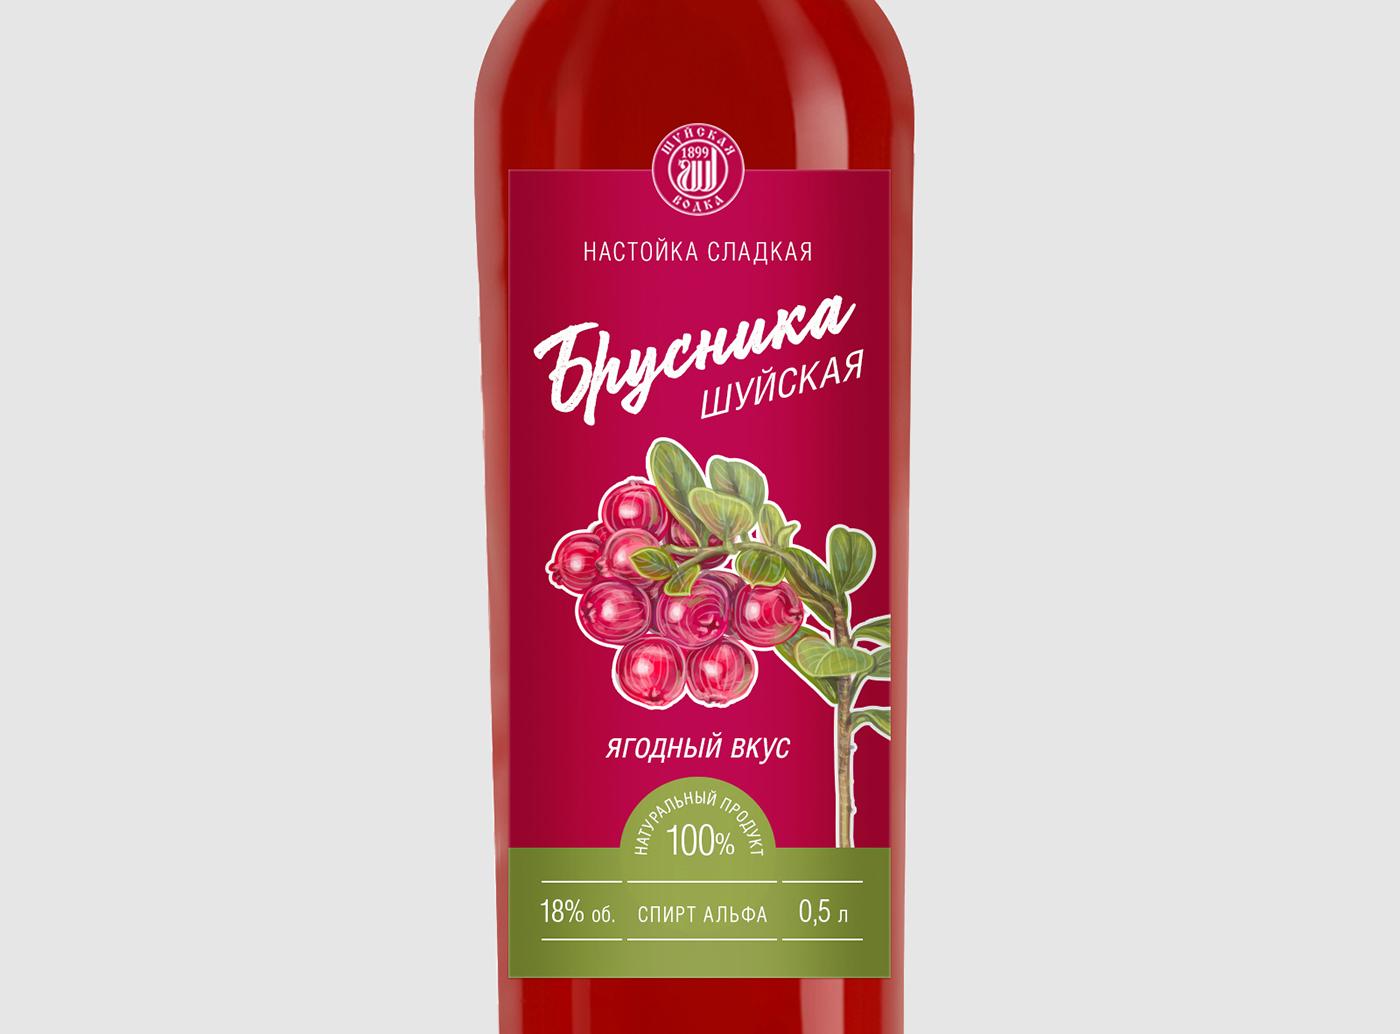 Дизайн этикетки алкогольного продукта (сладкая настойка) фото f_3745f8e7edbc2f33.jpg